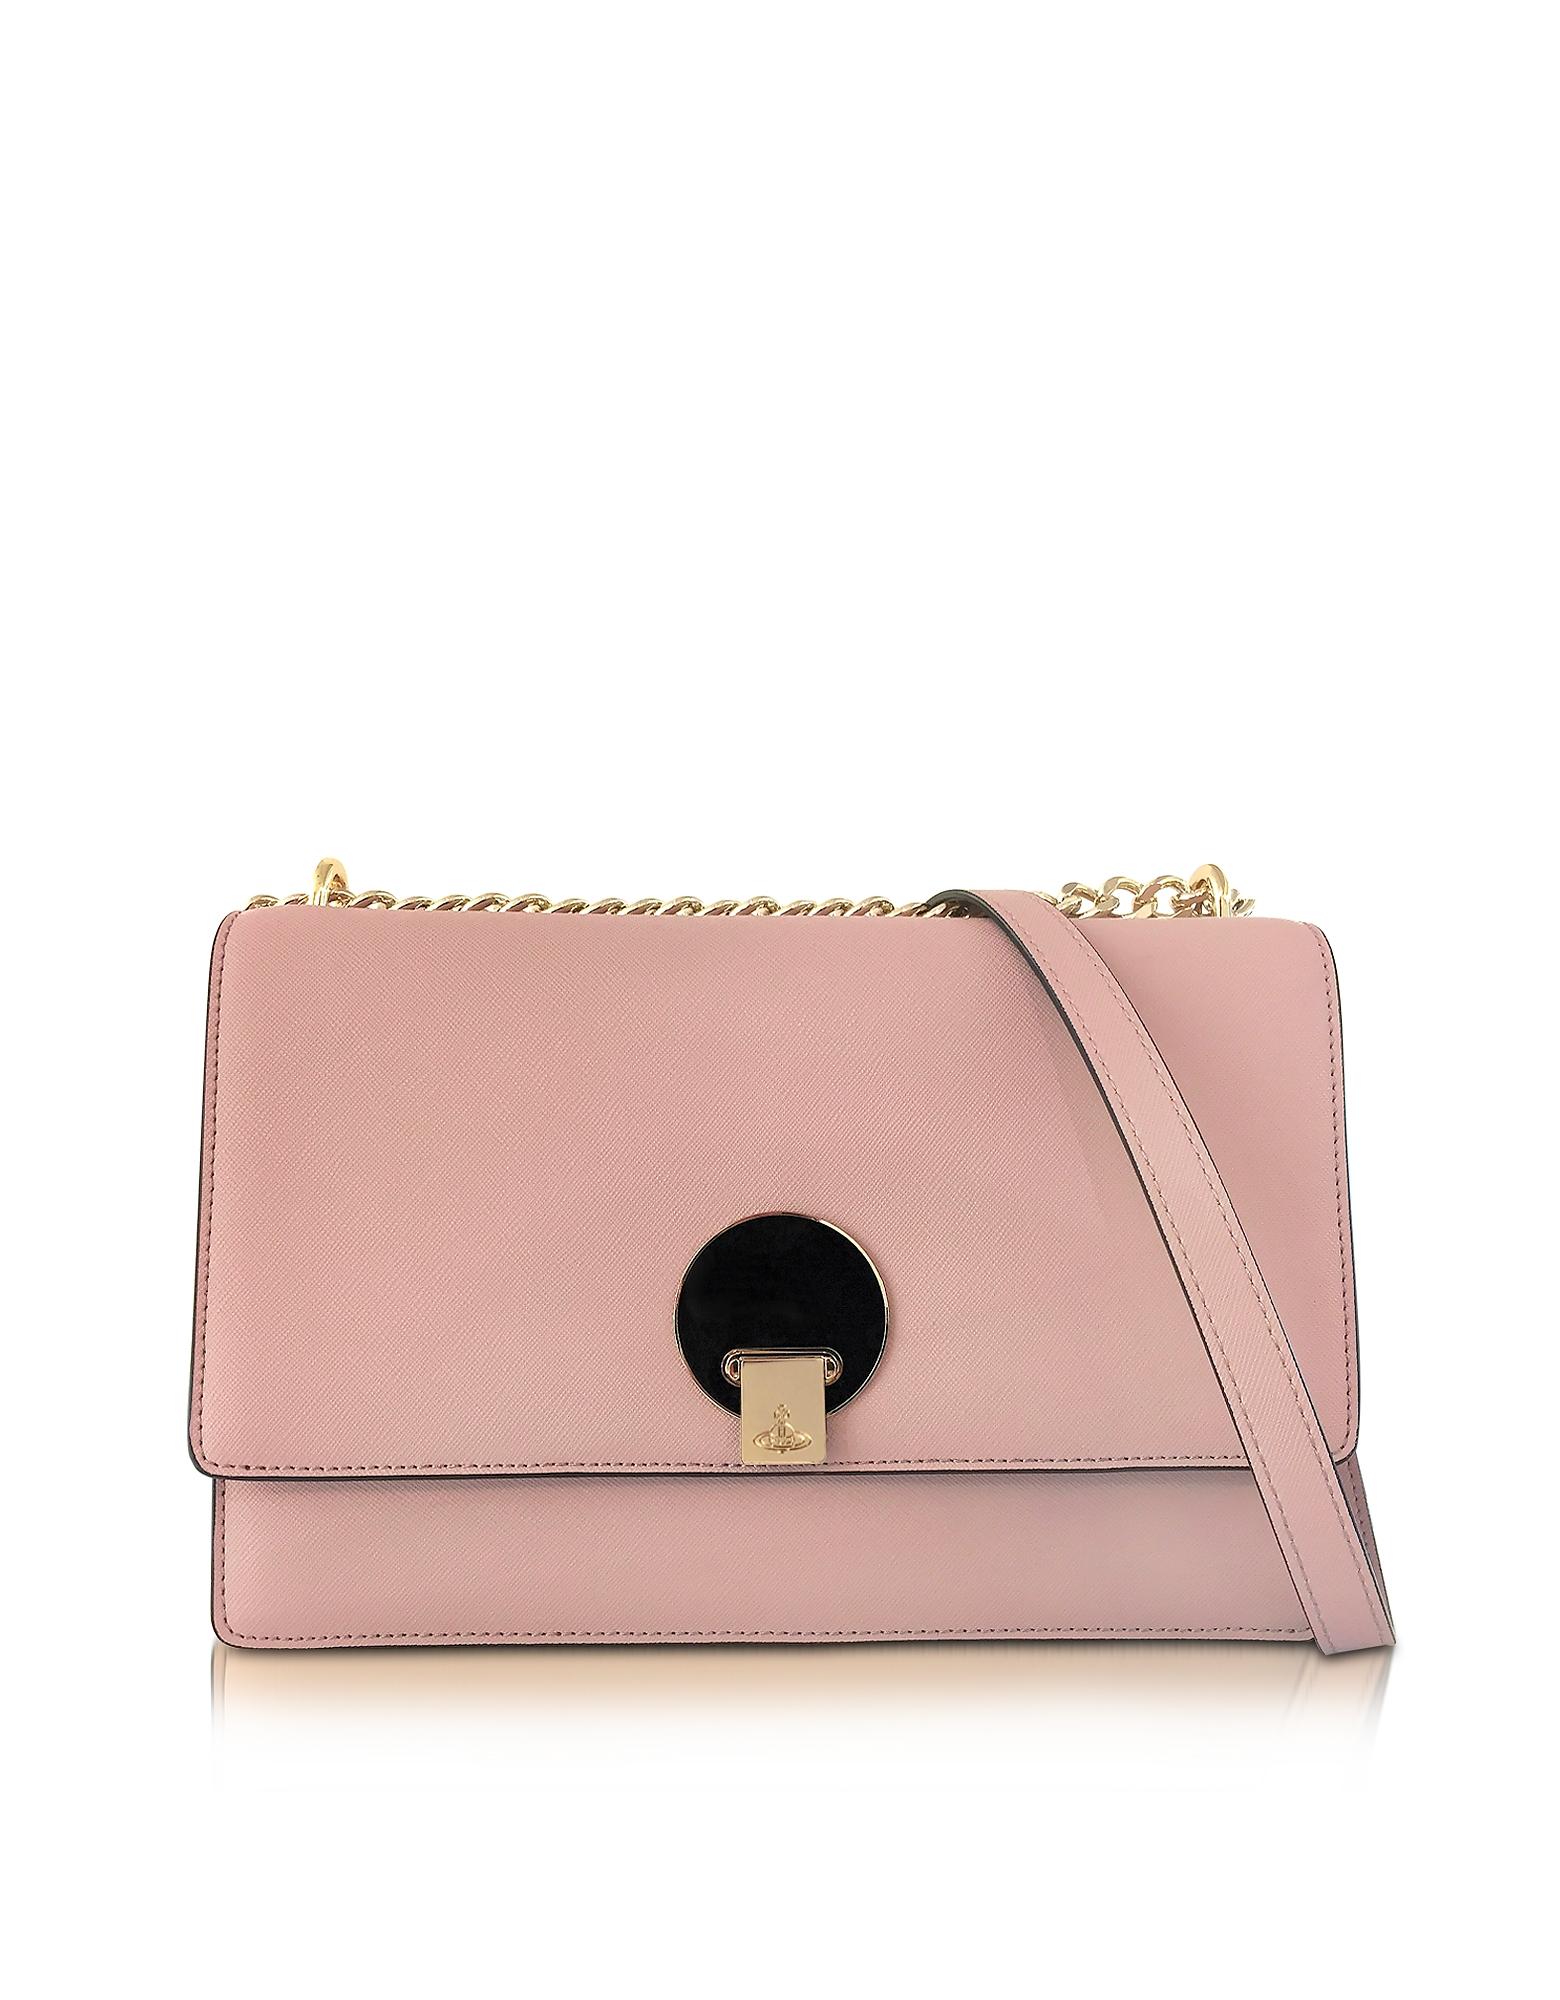 Vivienne Westwood Opio Pink Saffiano Large Shoulder Bag w/Flap Top